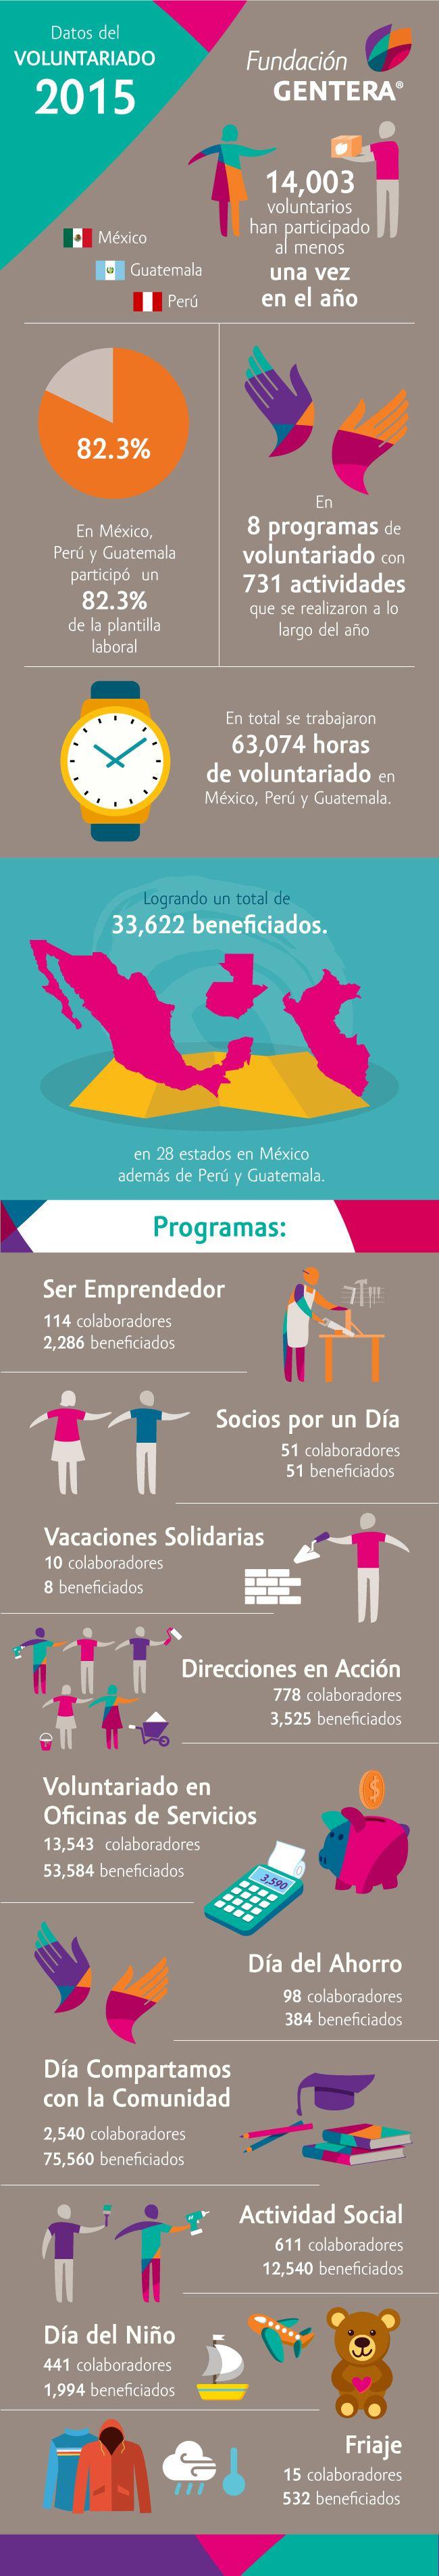 Conoce la estrategia de Gentera para mantener una alta participación en temas de voluntariado. http://www.expoknews.com/como-motivar-la-participacion-en-los-programas-de-voluntariado/